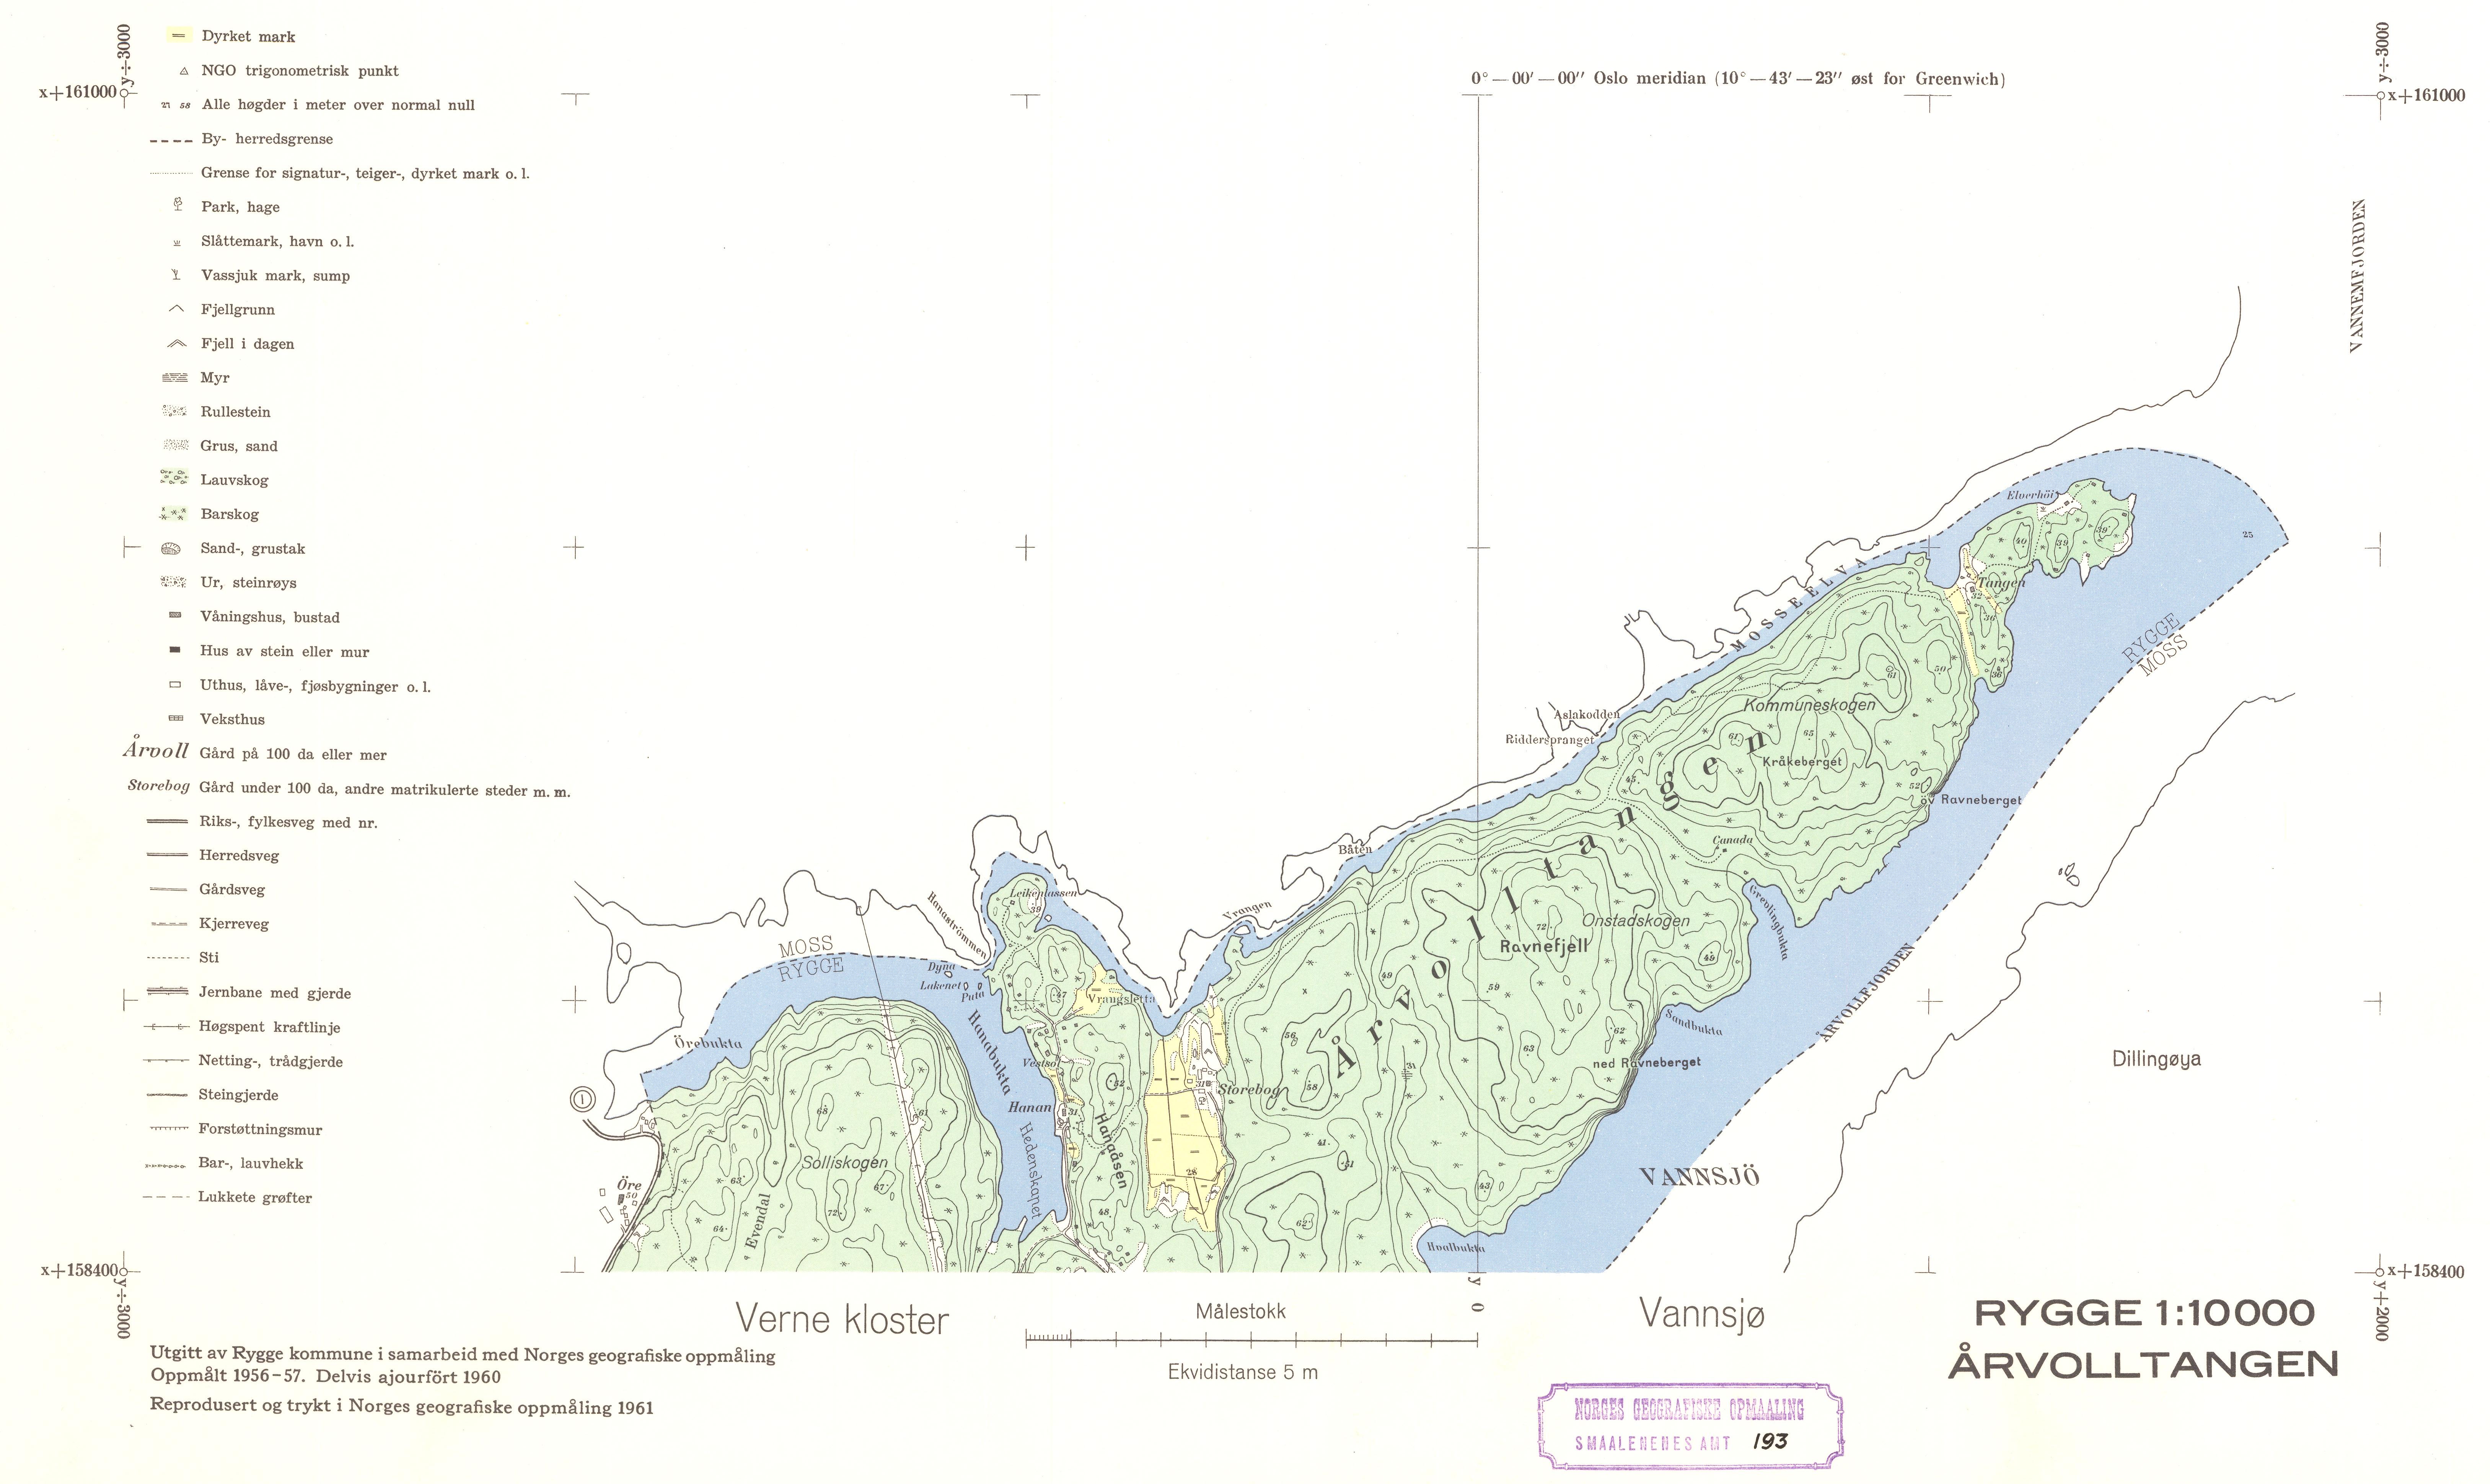 kart over rygge File:Smålenenes amt nr 193 6  Kart over Rygge; Årvolltangen, 1961  kart over rygge